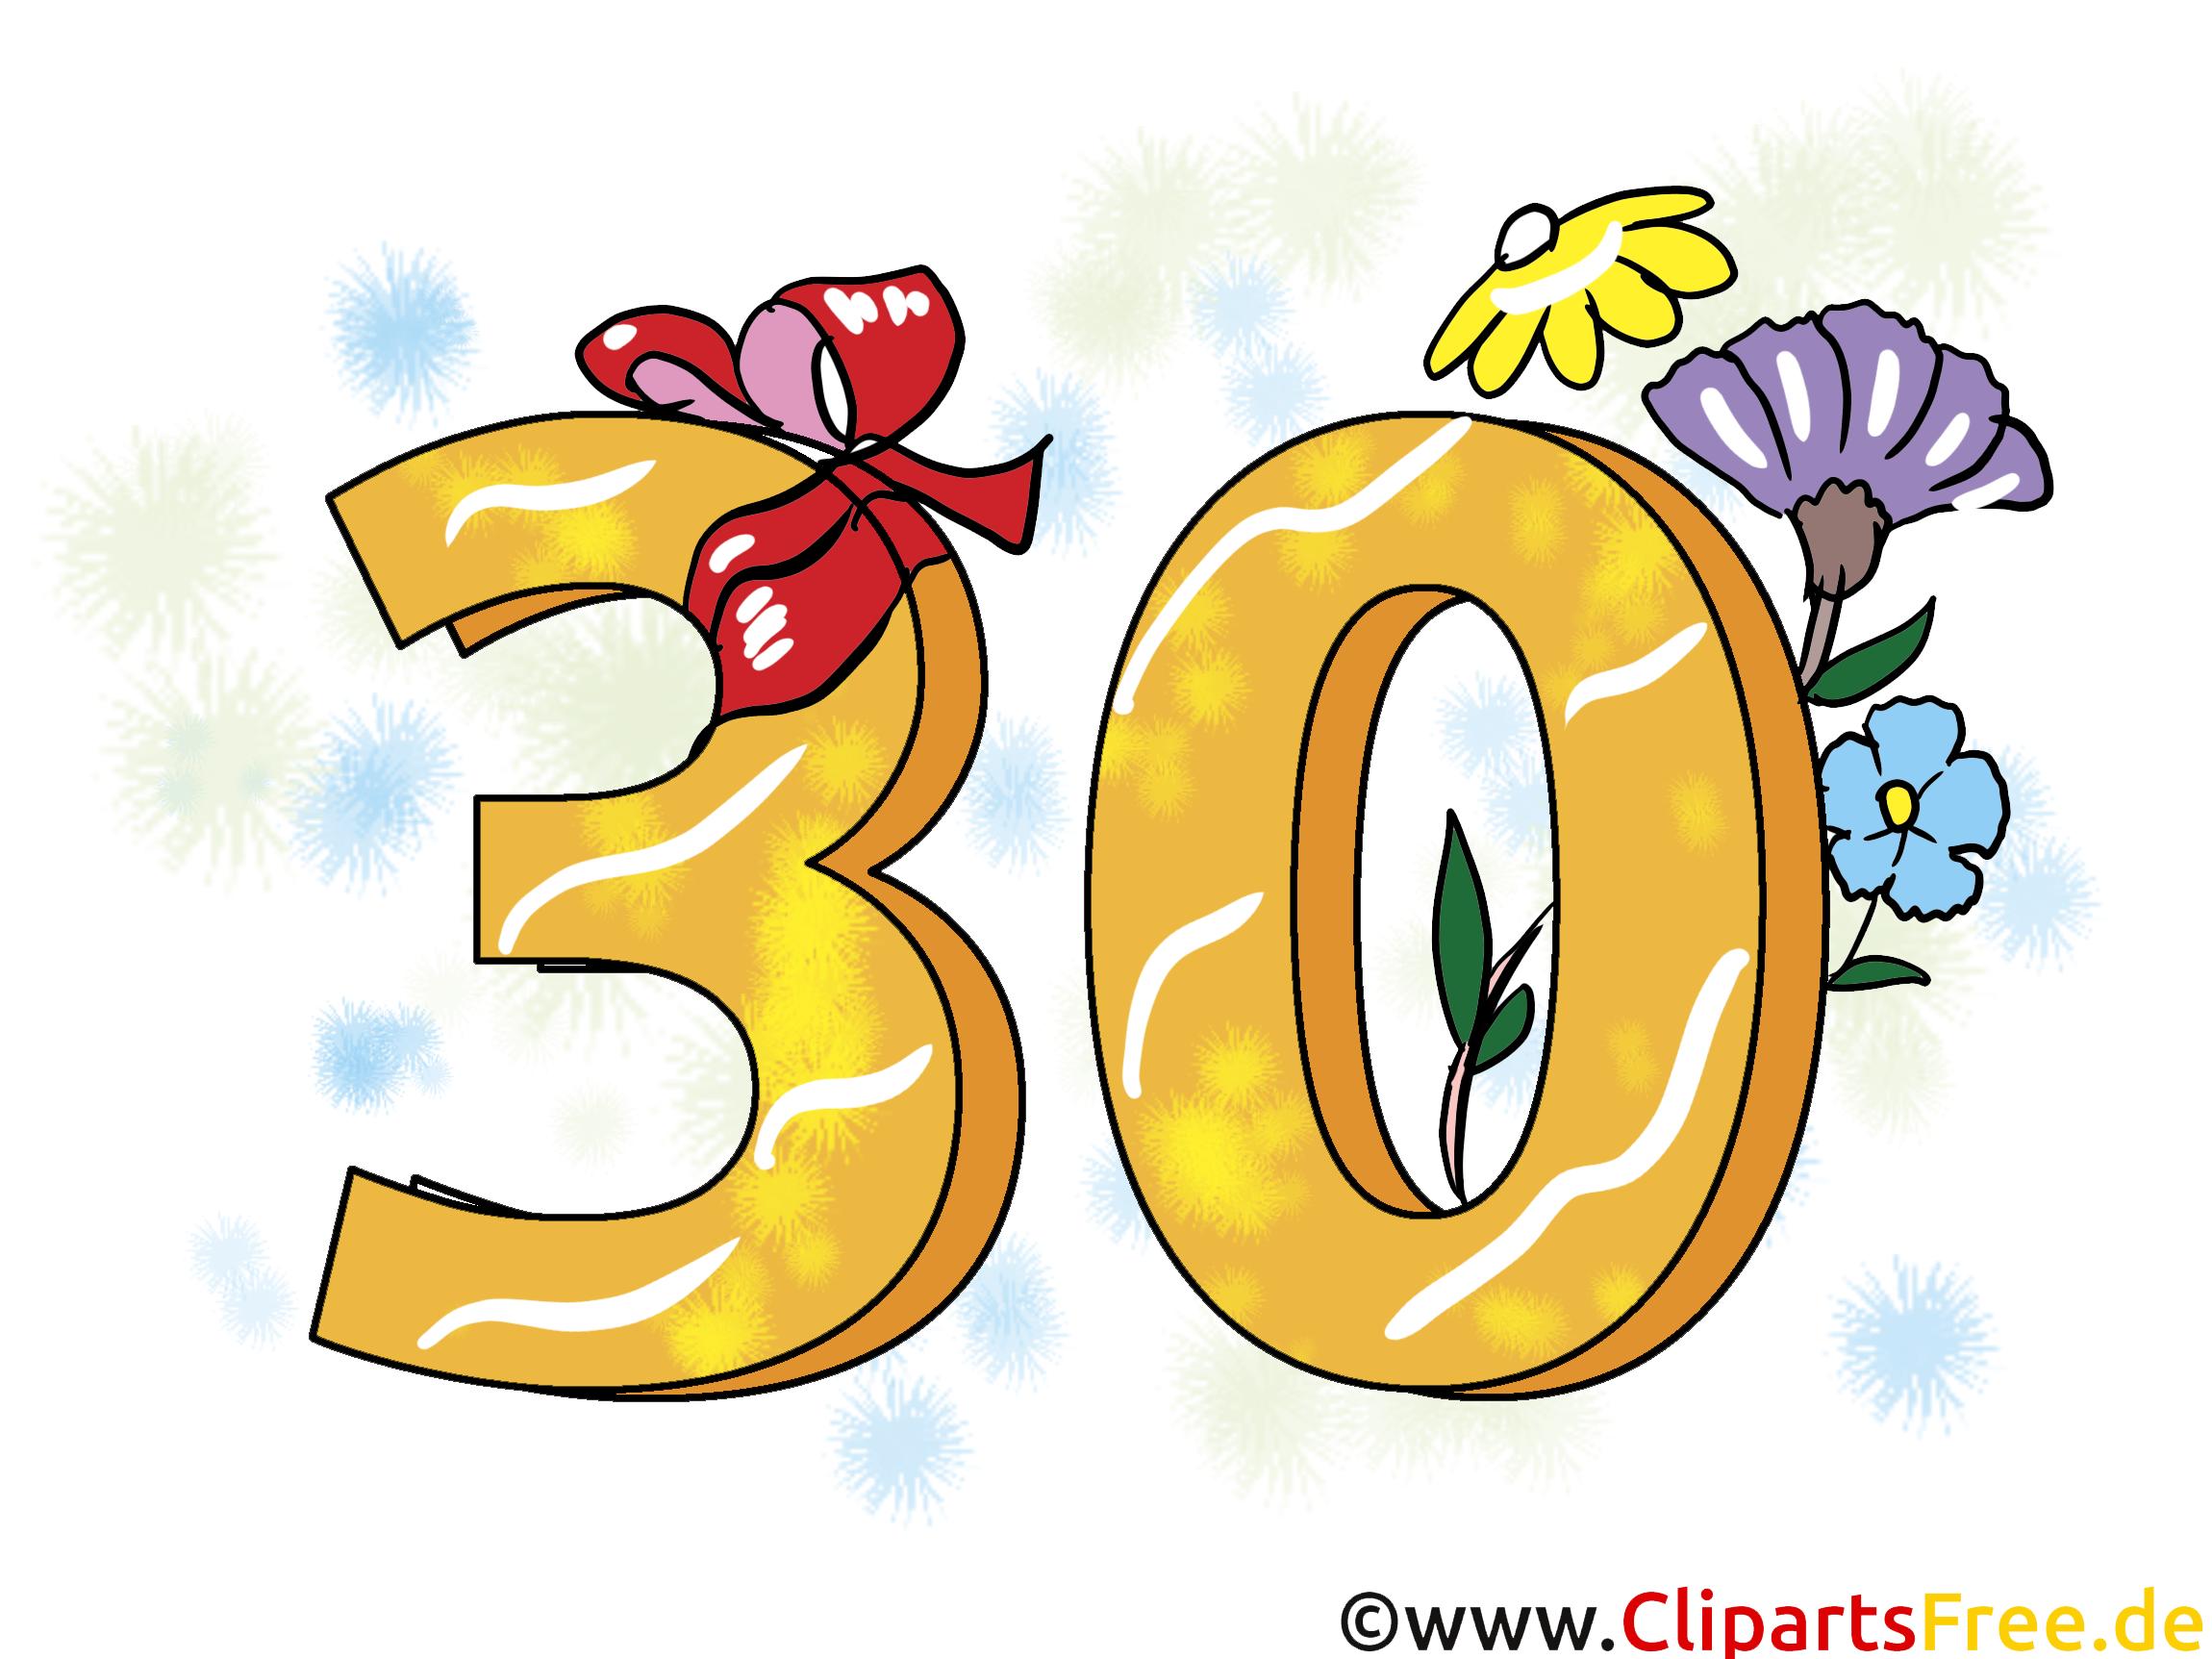 einladung zum 25 jährigen dienstjubiläum | freshideen, Einladungen